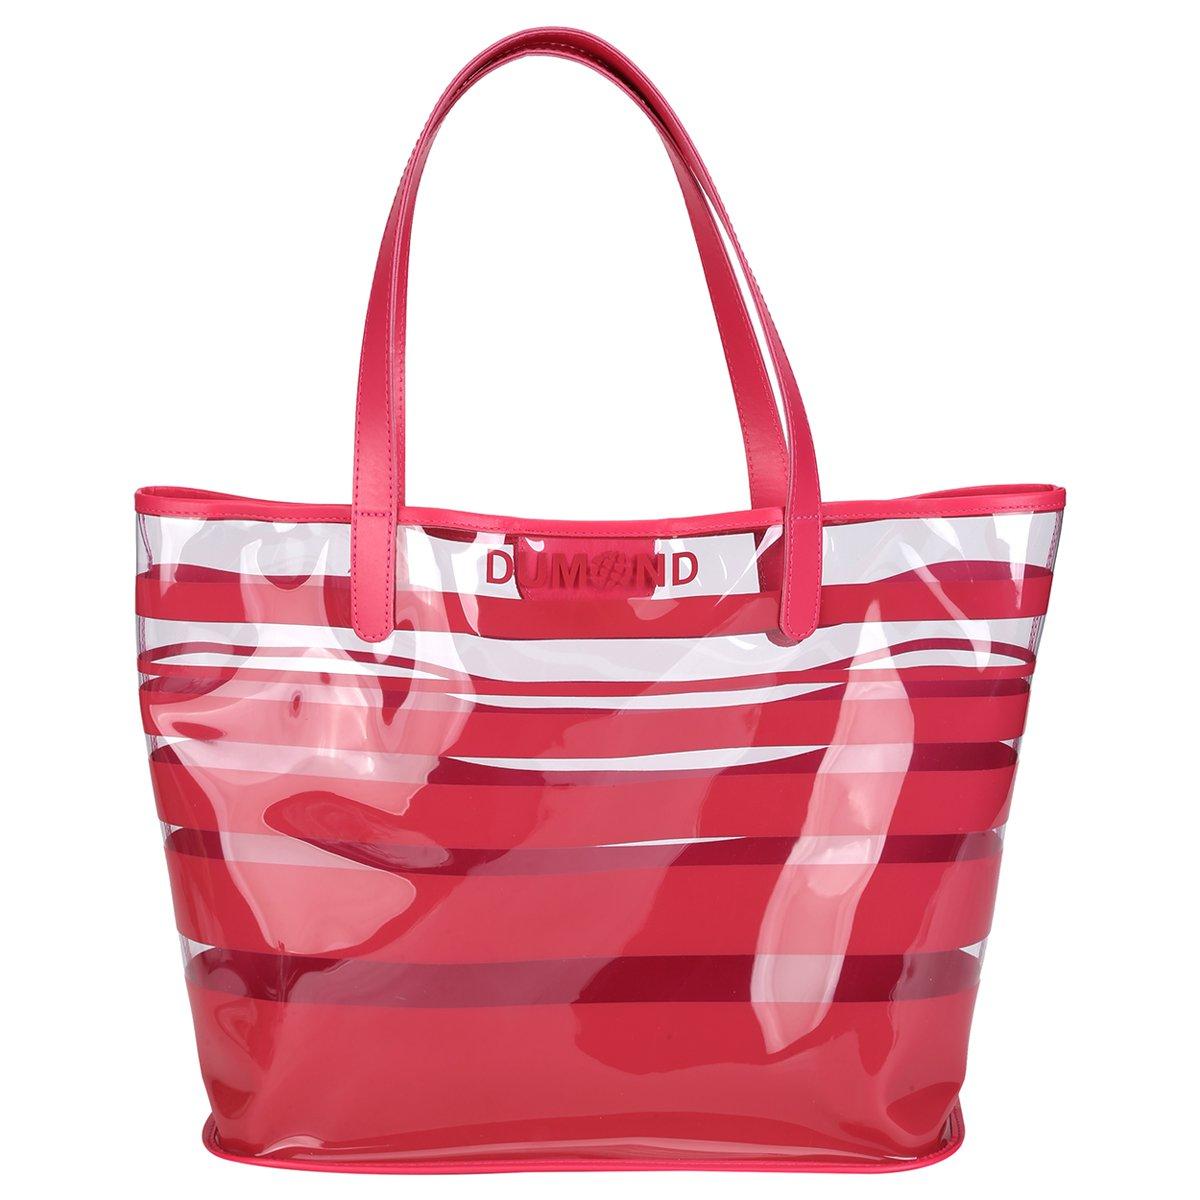 18f4565fc Bolsa Dumond Shop. Bag Beach | Netshoes